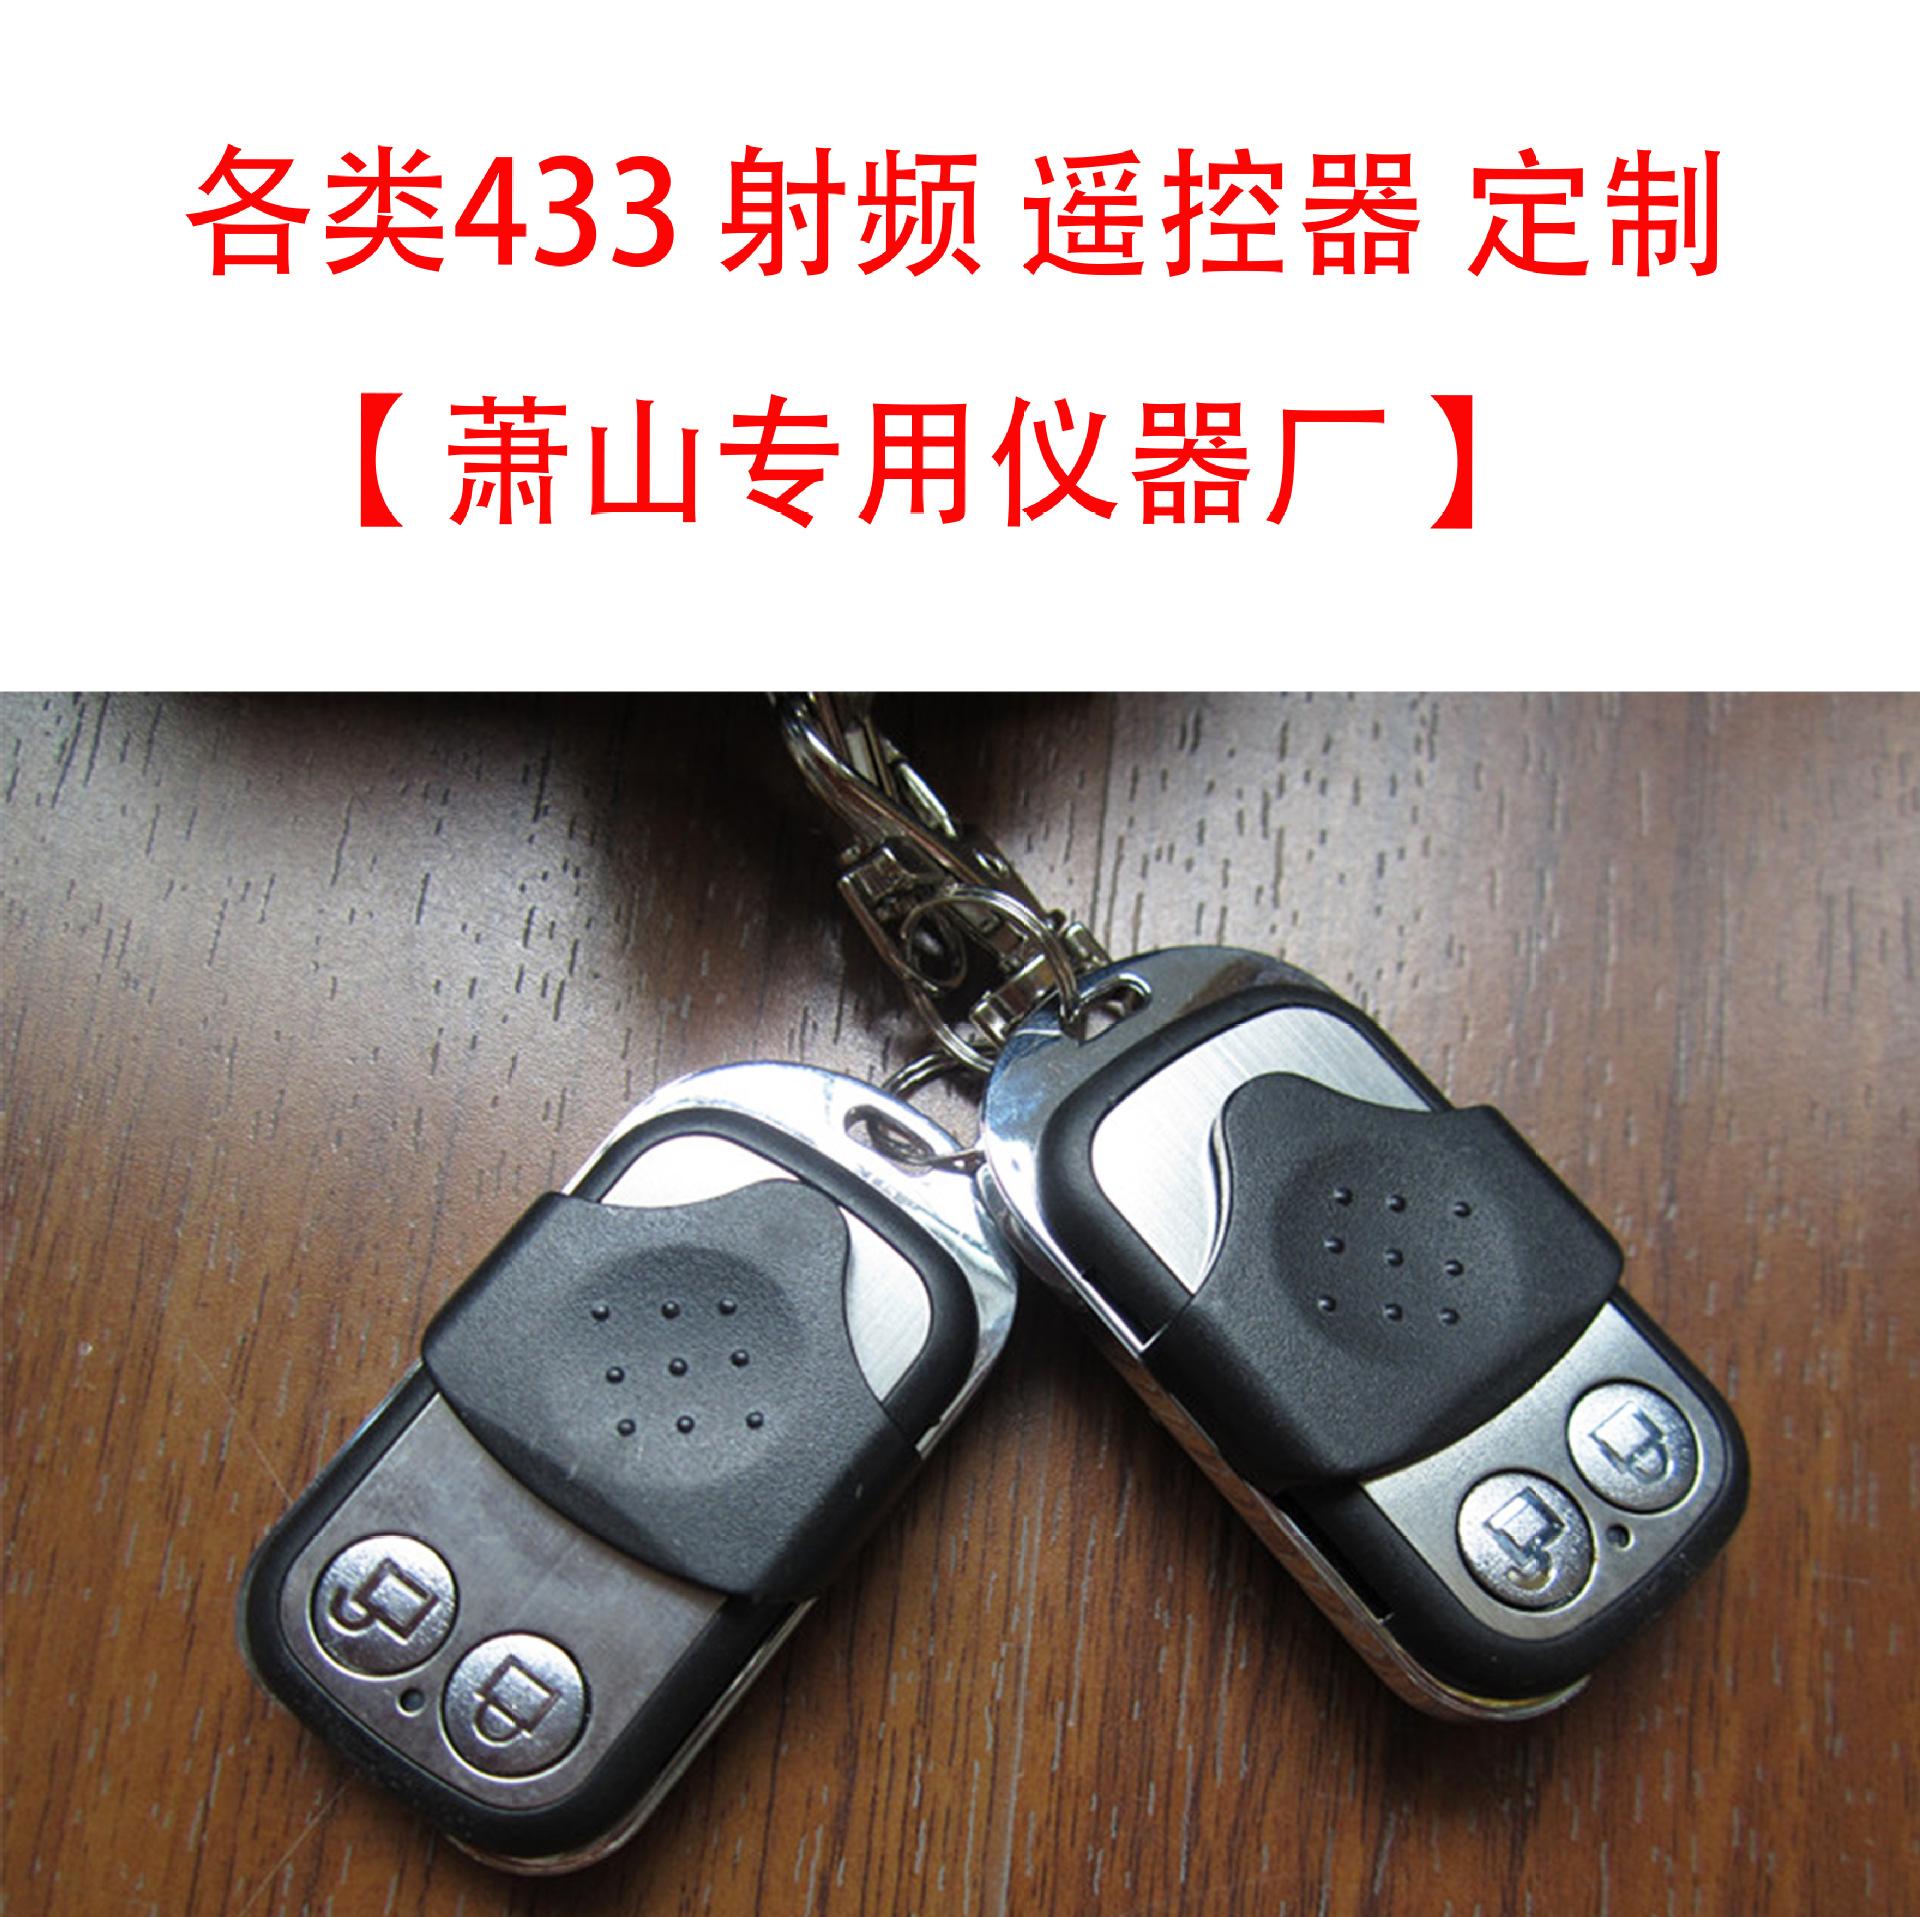 433 射频 遥控器 定制 可编程延迟发送长按休眠1